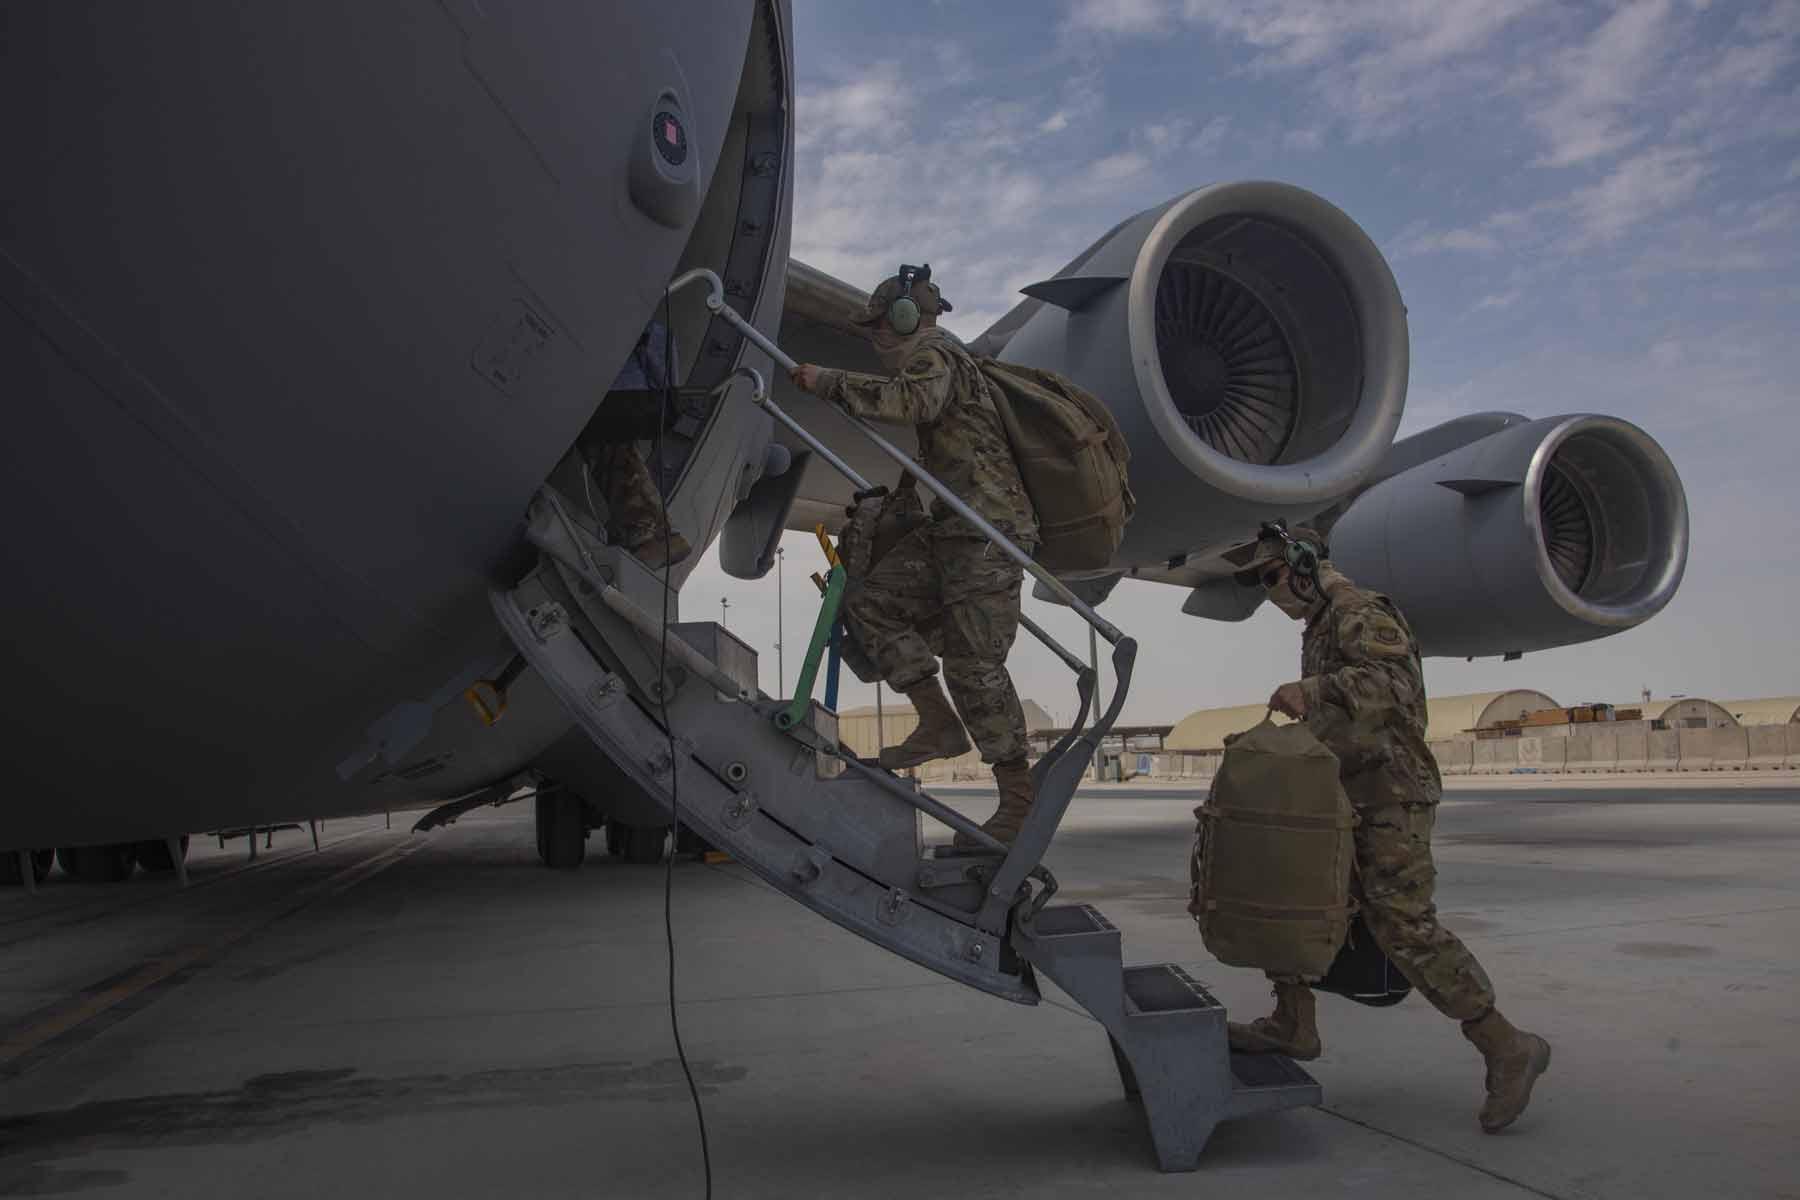 mil C17 afghanistan drawdown 1800.